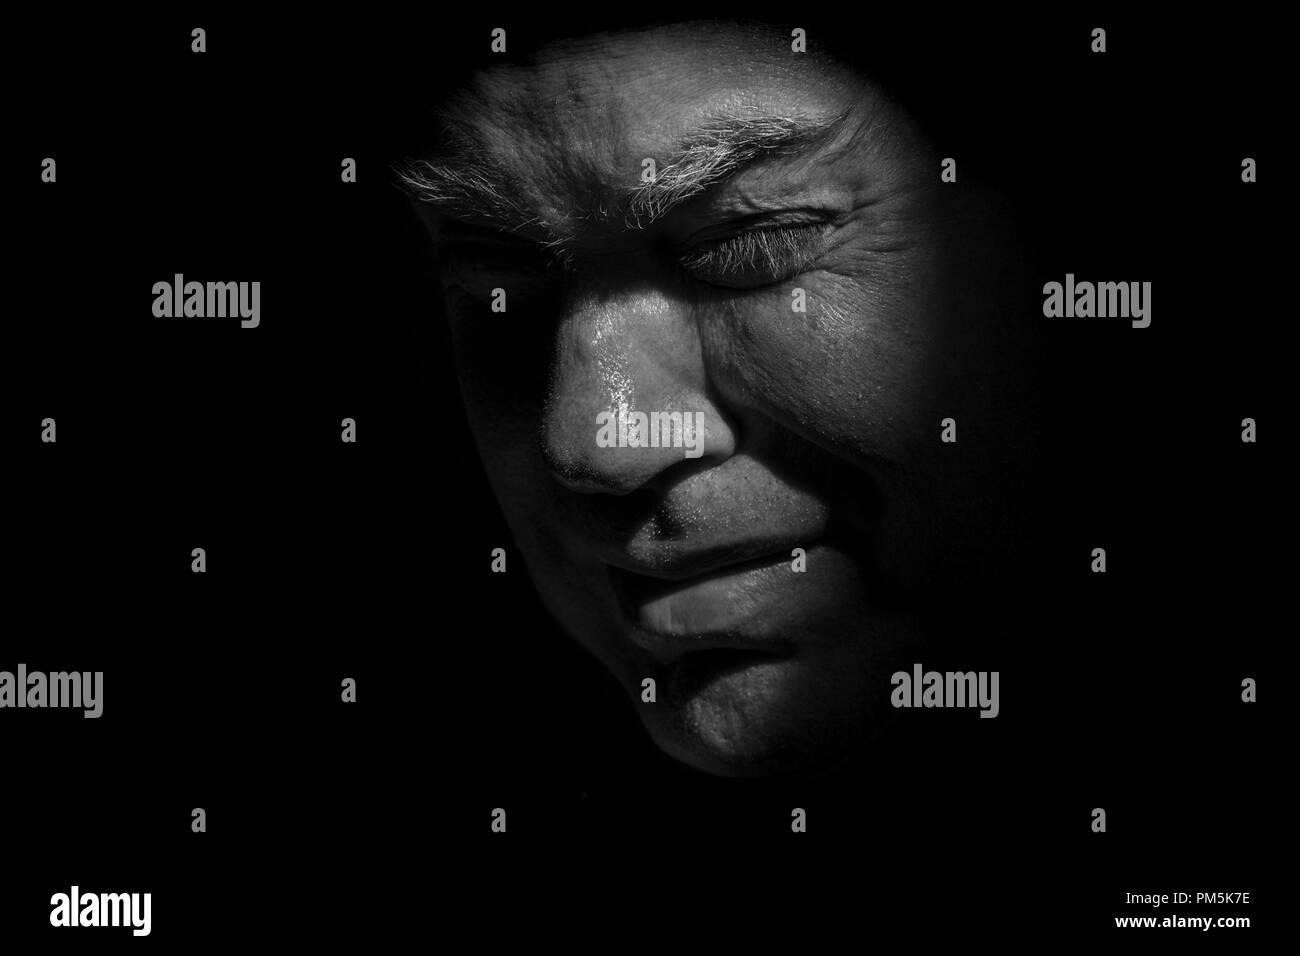 Modello rilasciato closeup di il volto dell'uomo alla ricerca disperata, angosciato, nell'angoscia e la disperazione mentre strizzare gli occhi in bright moody luci. Concetto. Immagini Stock